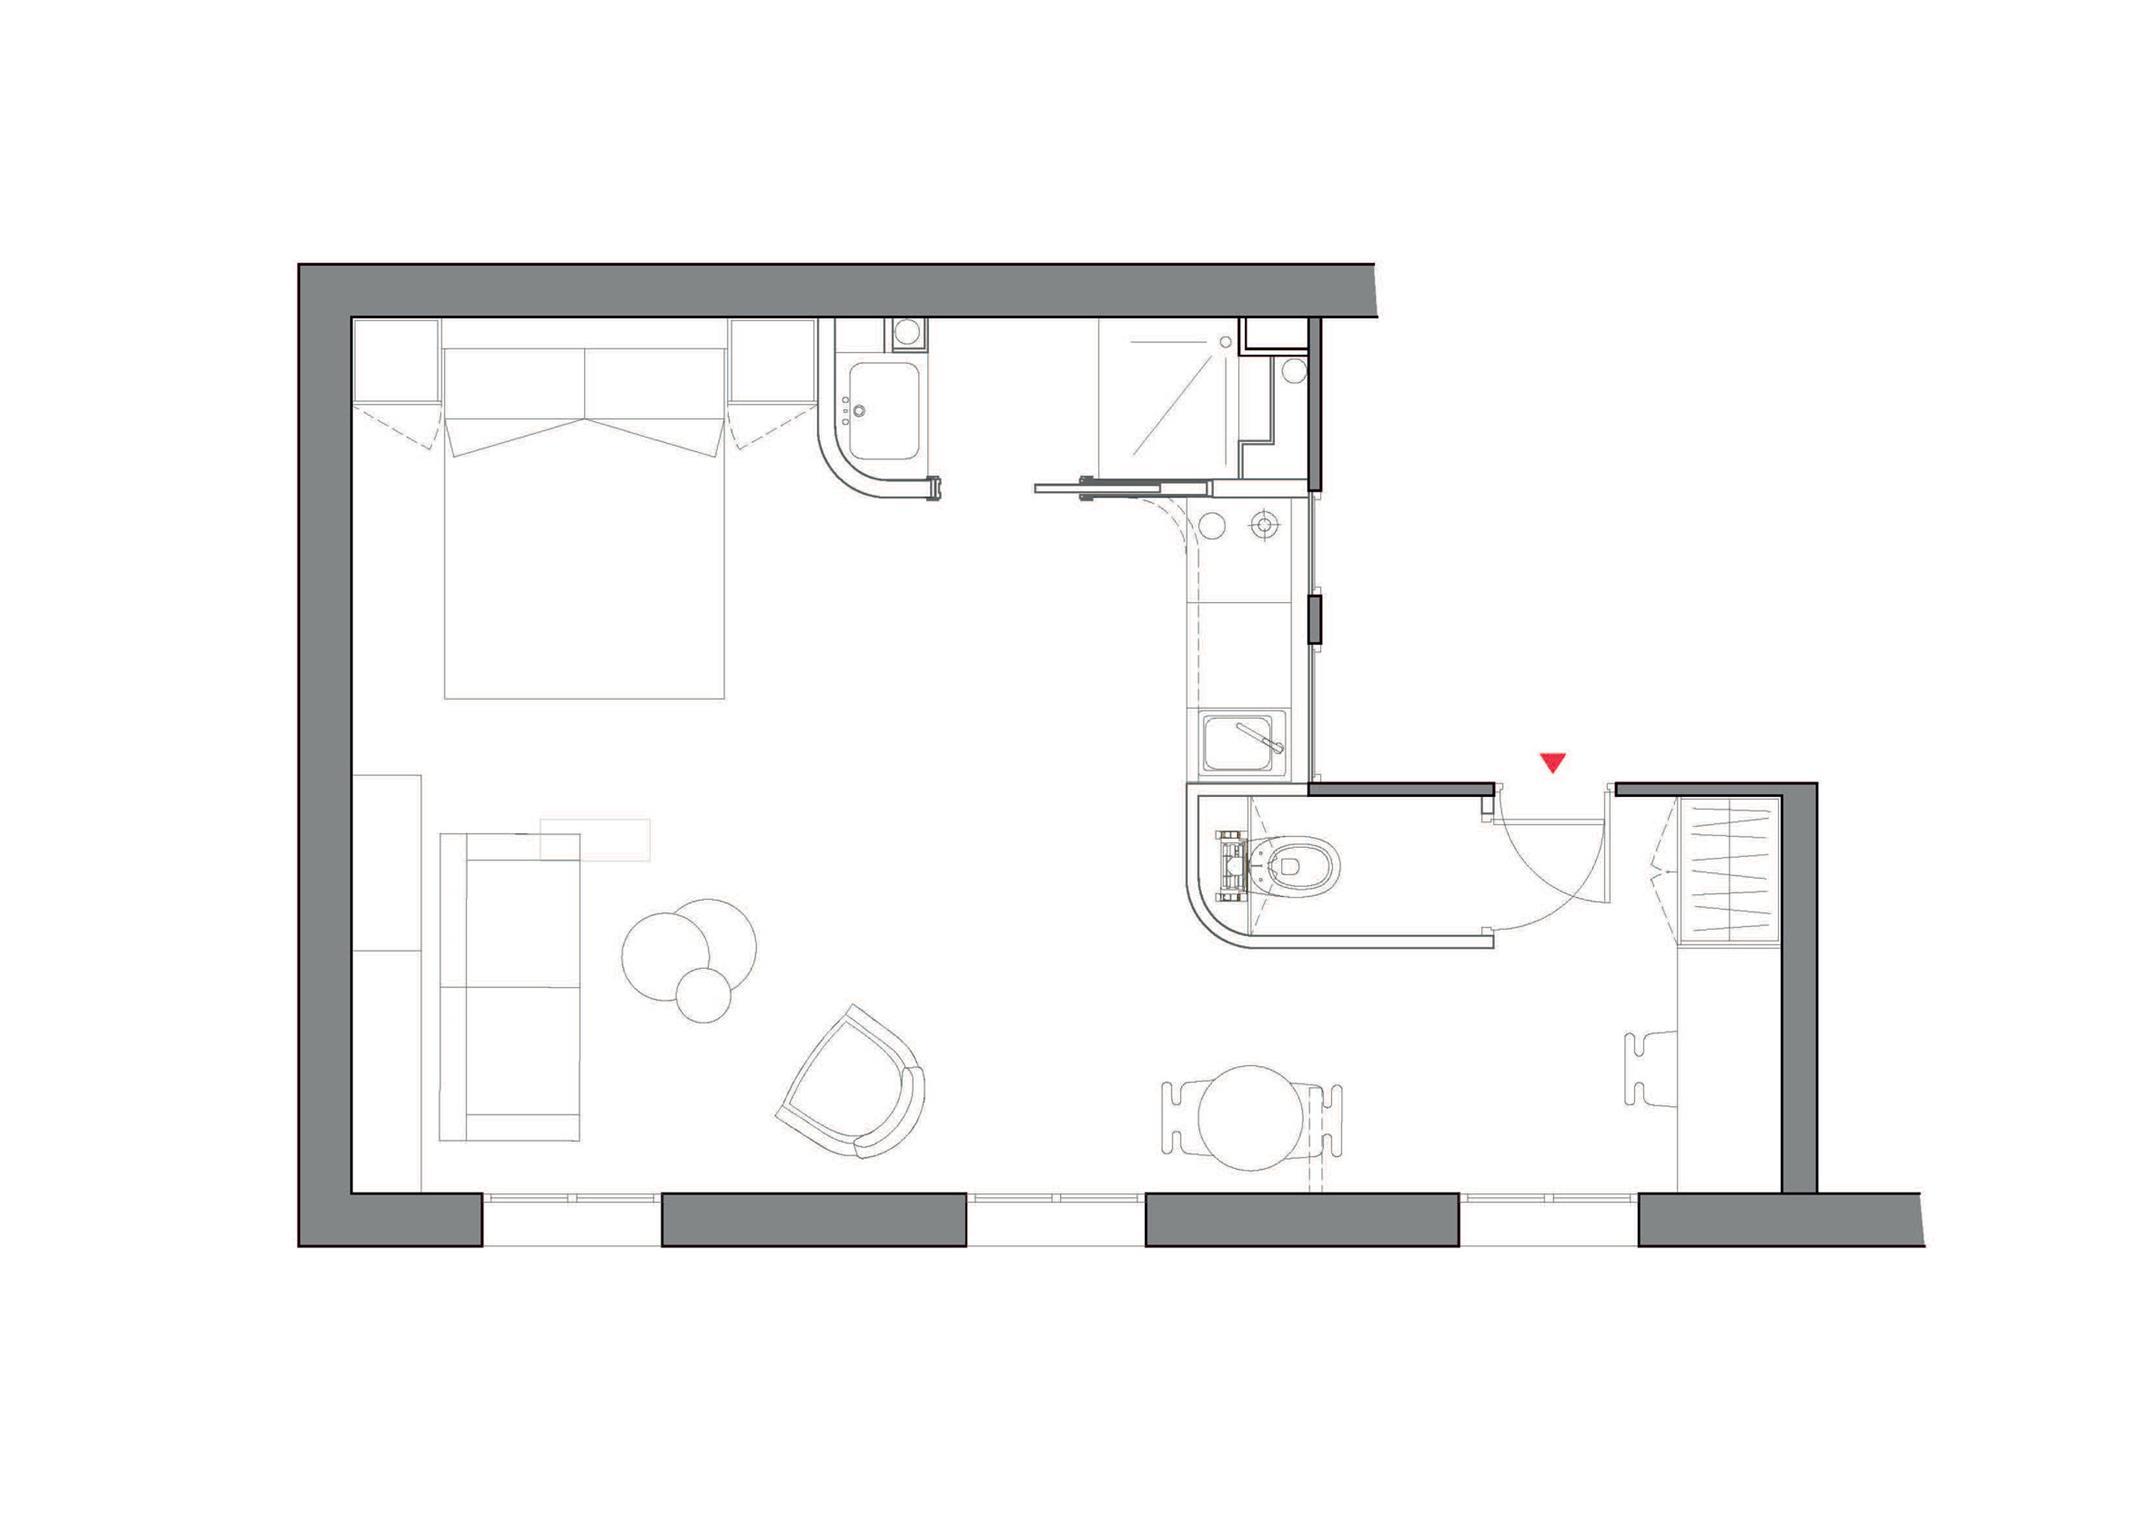 小型公寓平面方案图设计